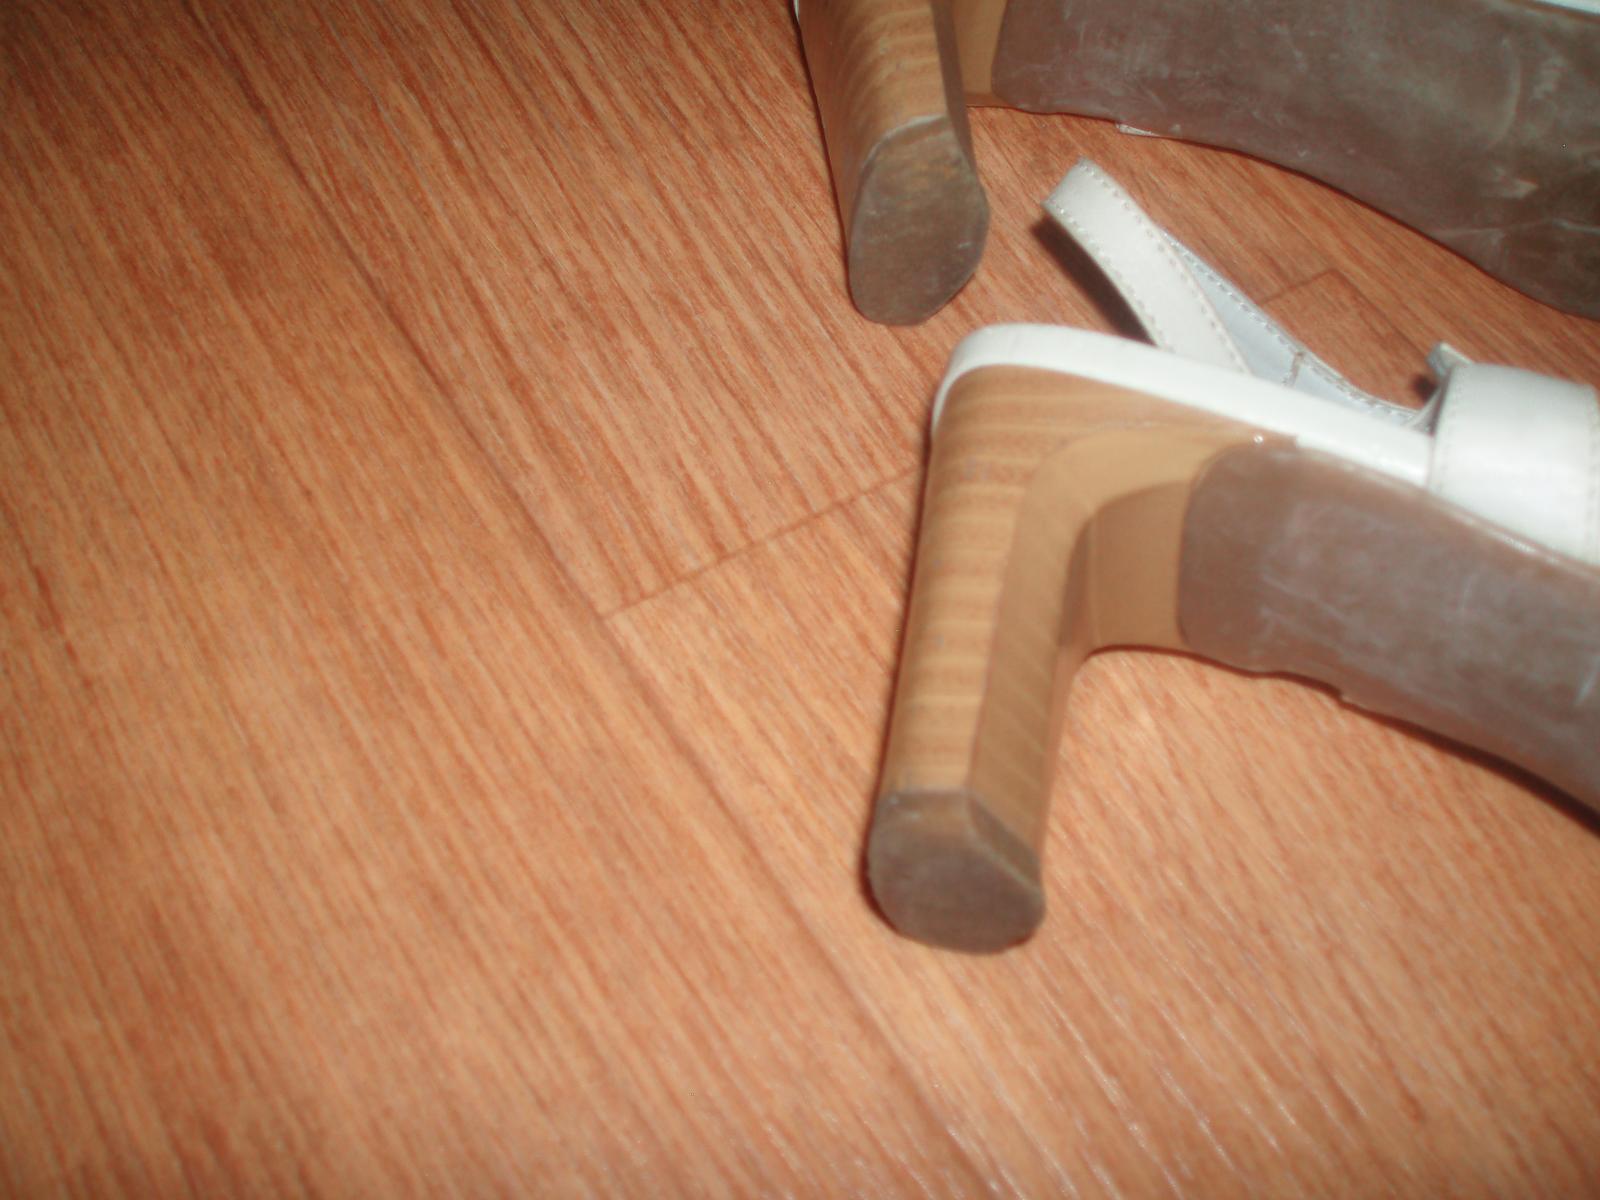 Střevíčky, sandály, obuv pro nevěstu vel. 39 Baťa - Obrázek č. 4